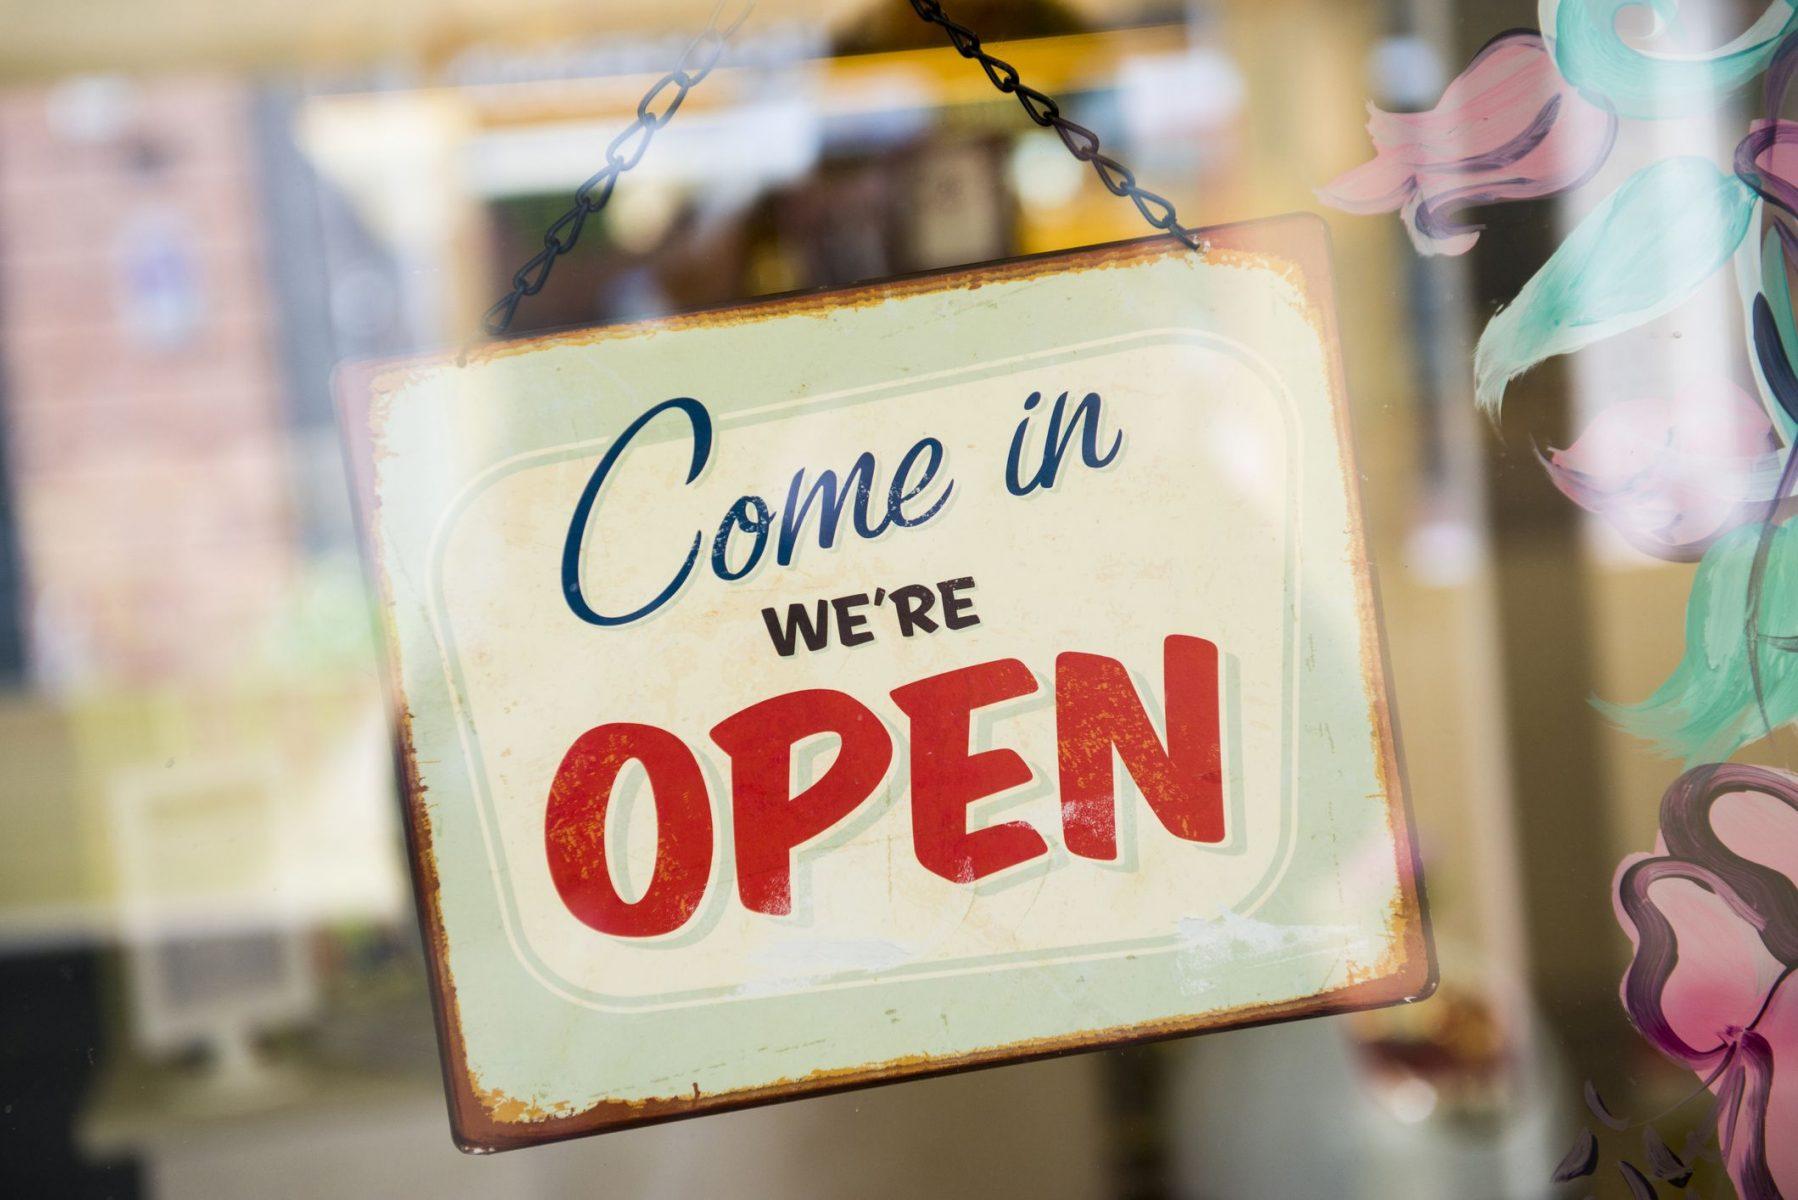 Πότε ανοίγουν τα μαγαζιά: Από σήμερα ανοιχτά τα καταστήματα